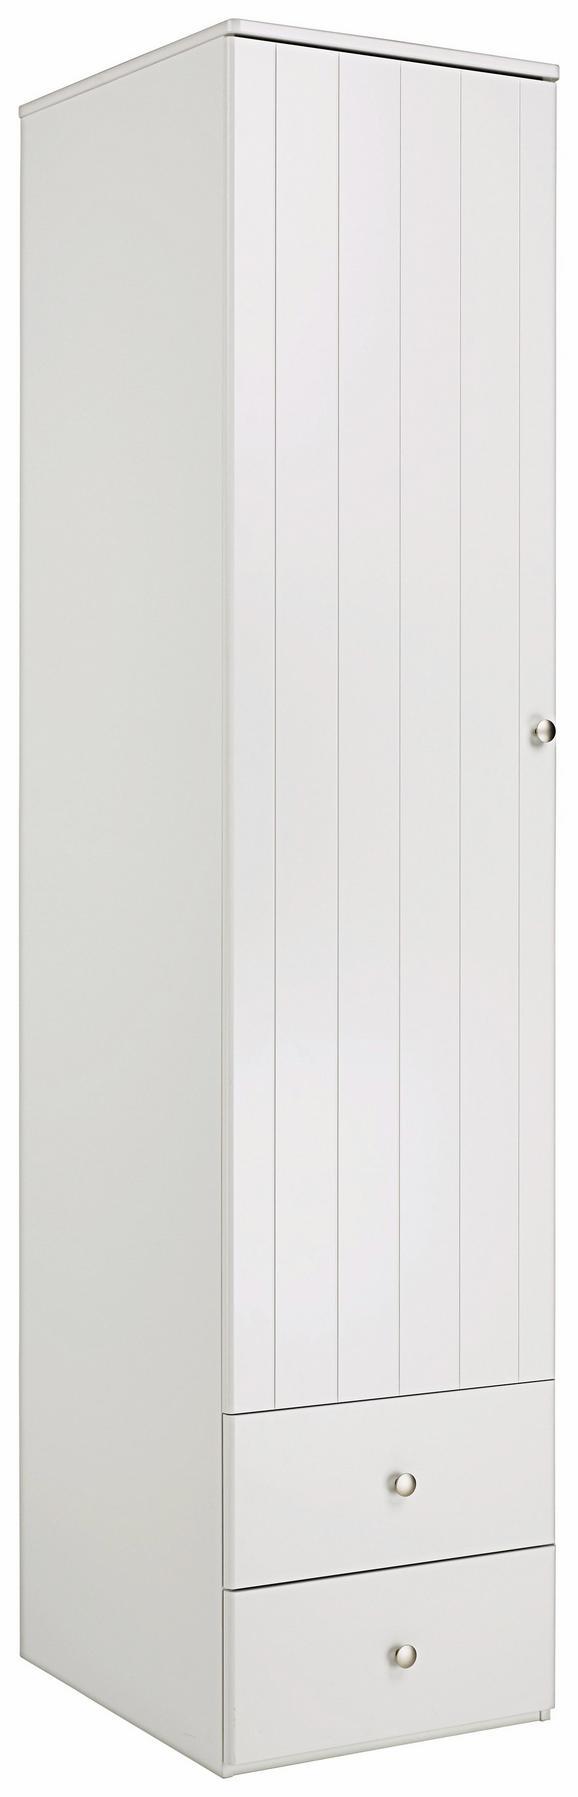 Kleiderschrank Weiß - Silberfarben/Weiß, ROMANTIK / LANDHAUS, Holzwerkstoff/Metall (50/220/63cm) - ZANDIARA